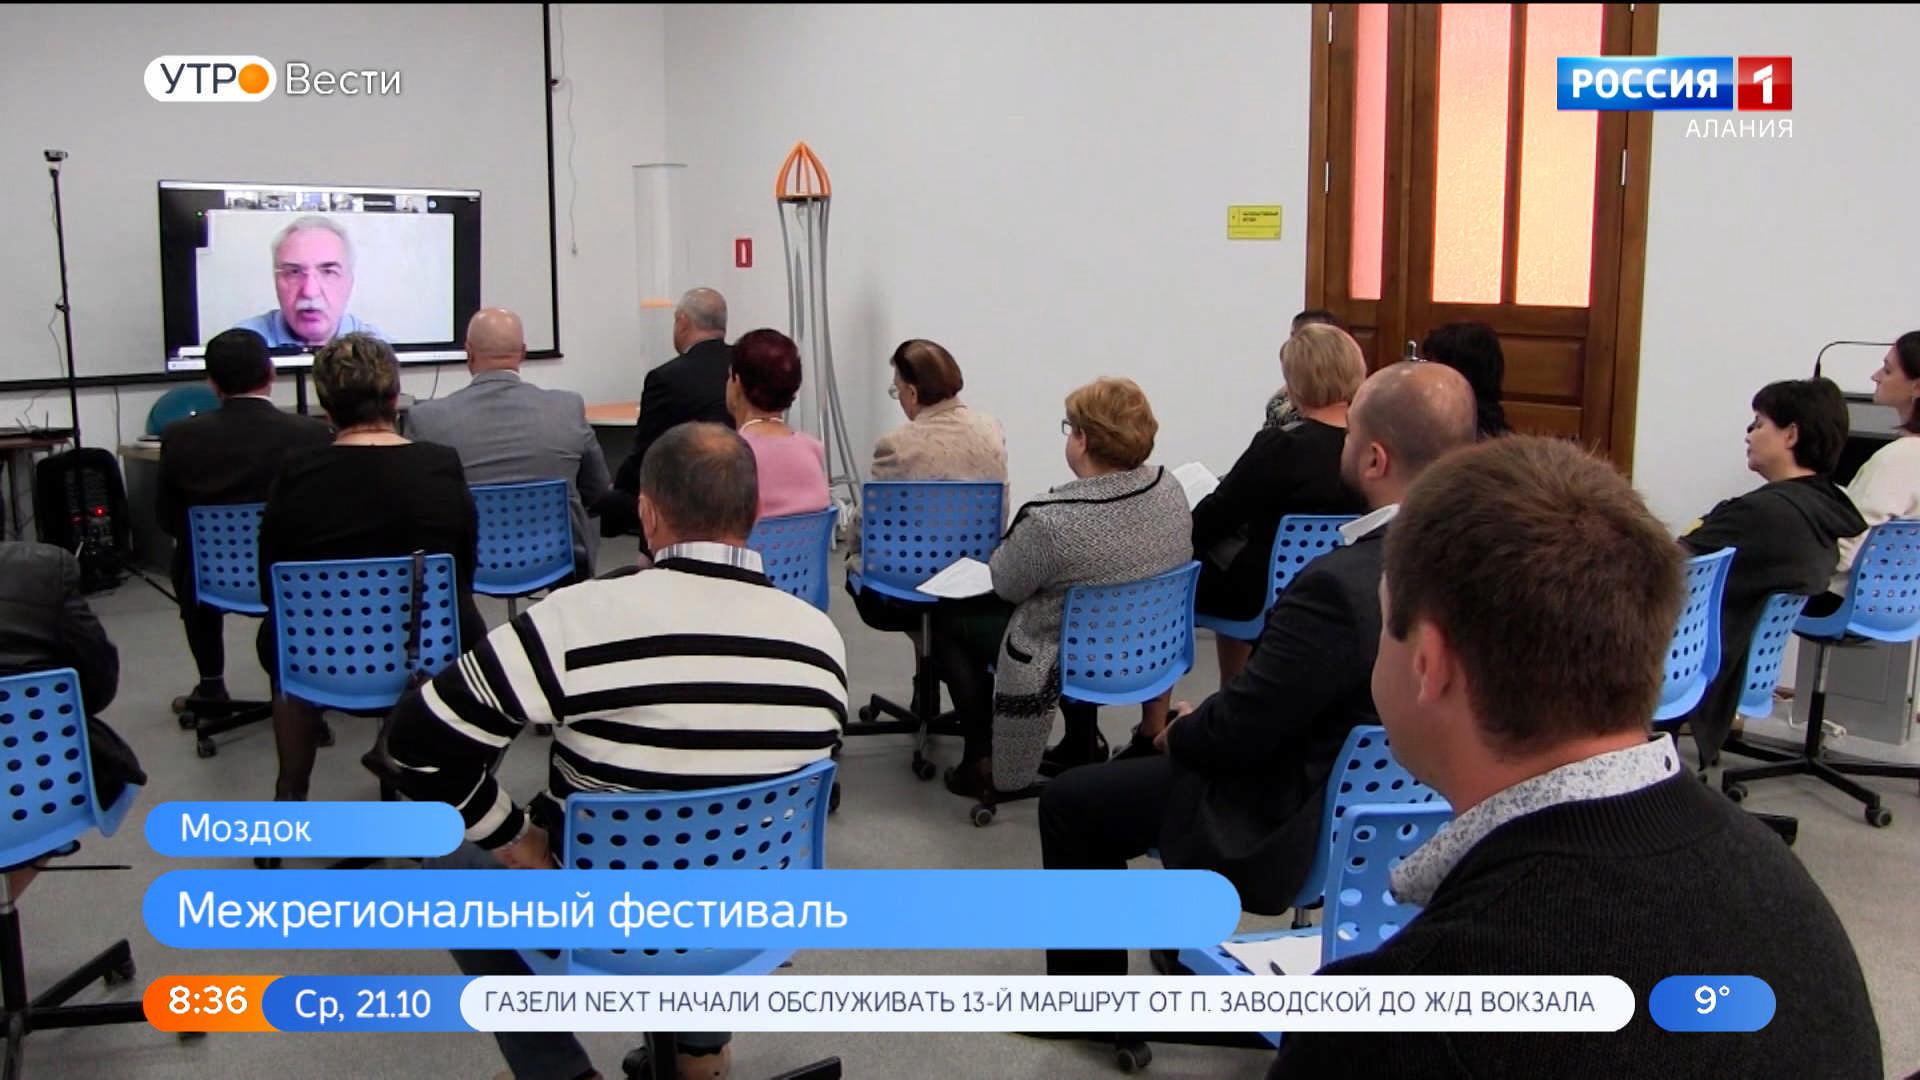 Представители территориальных общественных советов Моздока приняли участие в межрегиональном фестивале